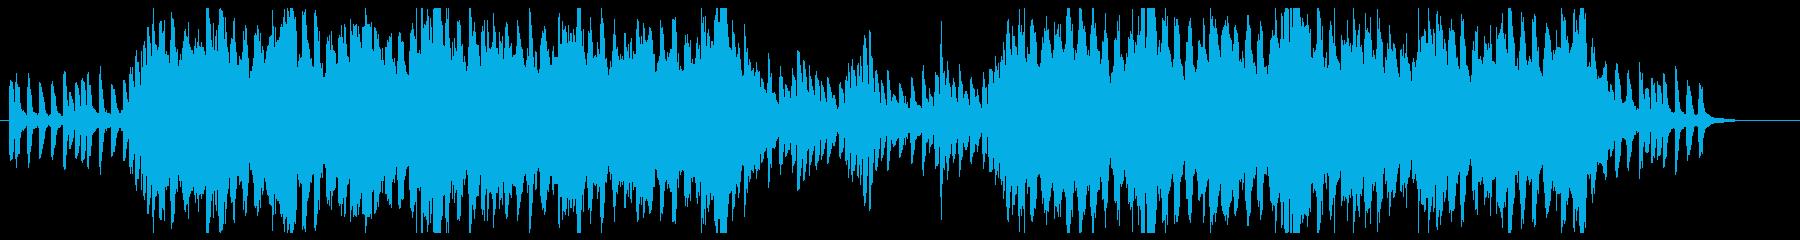 前向きになれるミニマル系BGMの再生済みの波形